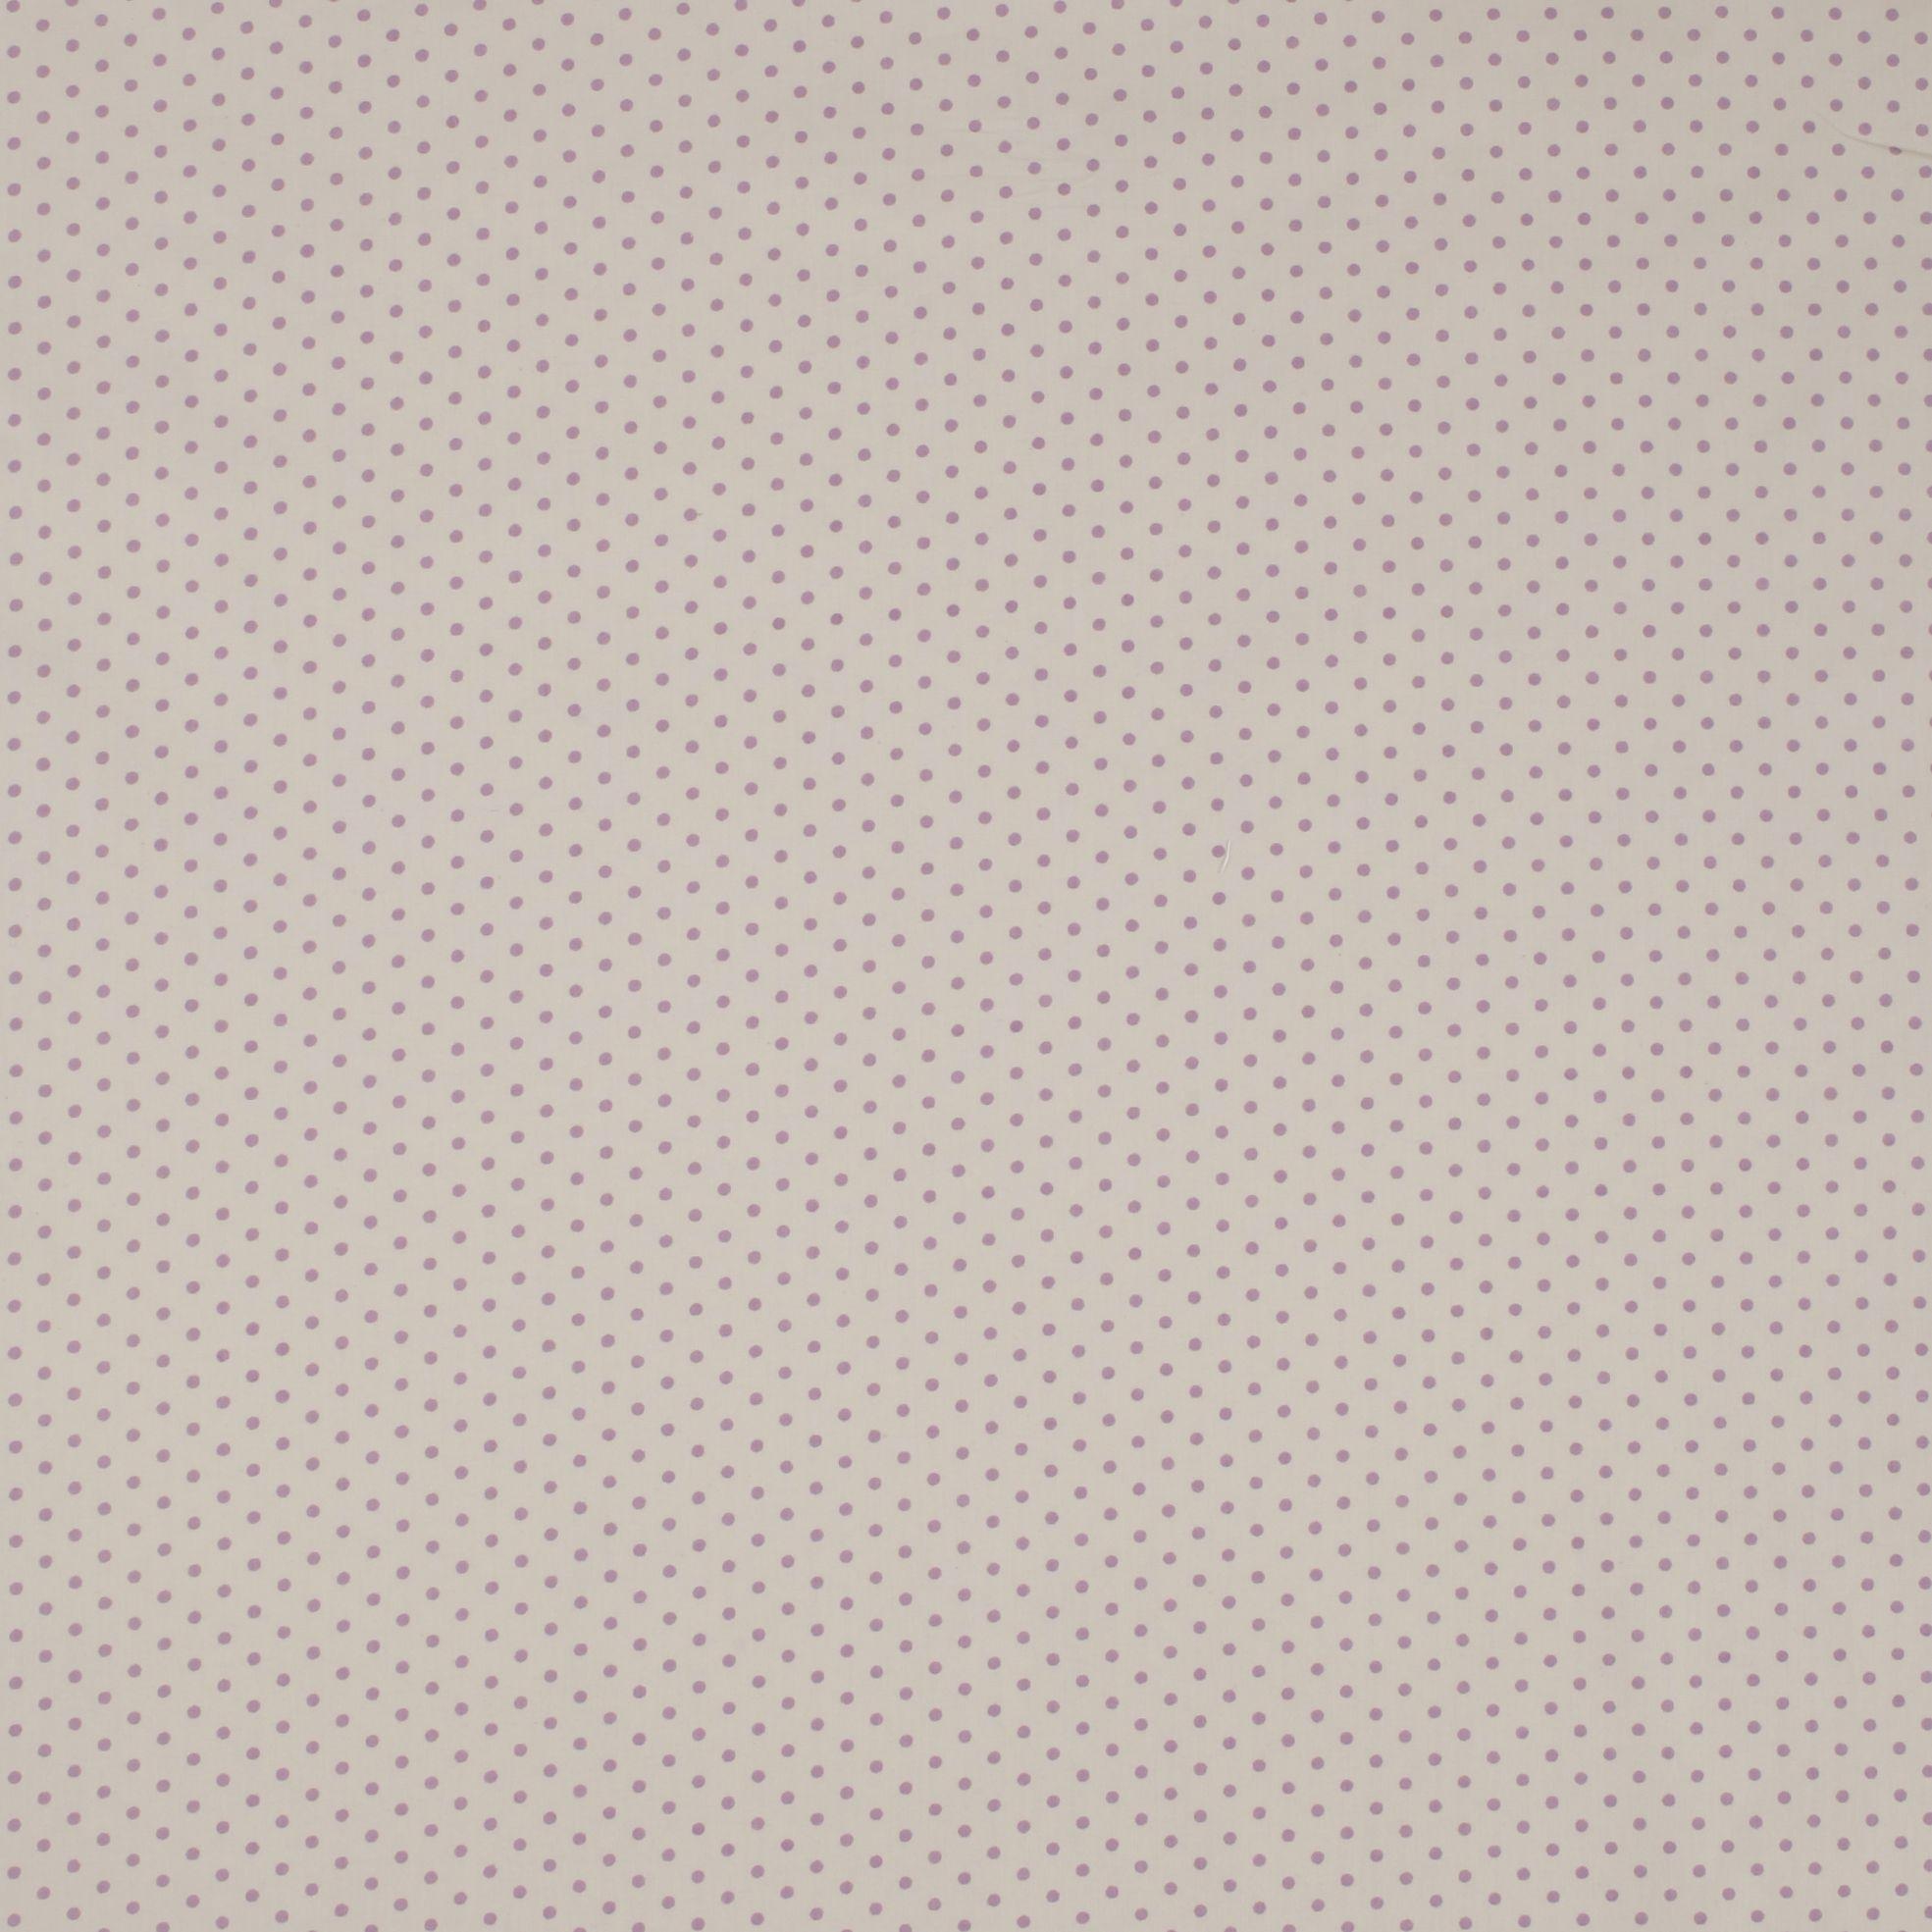 Ткань Mas dOusvan Dots , цвет: розовый, 110 х 100 см. BDOT.YPBDOT.YPТкань Mas dOusvan, выполненная из натурального хлопка, используется длятворческих работ.Хлопковые ткани не выцветают, не линяют, недеформируются при стирке и в процессе носки готовых изделий, сшитых из этихтканей. Ткань Mas dOusvan можно без опасений использовать впроизводстве одежды для самыхмаленьких детей. Также ткань подойдетдля декора иоформления творческих работ в различных техниках. Ширина: 110 см.Длина: 1 м.